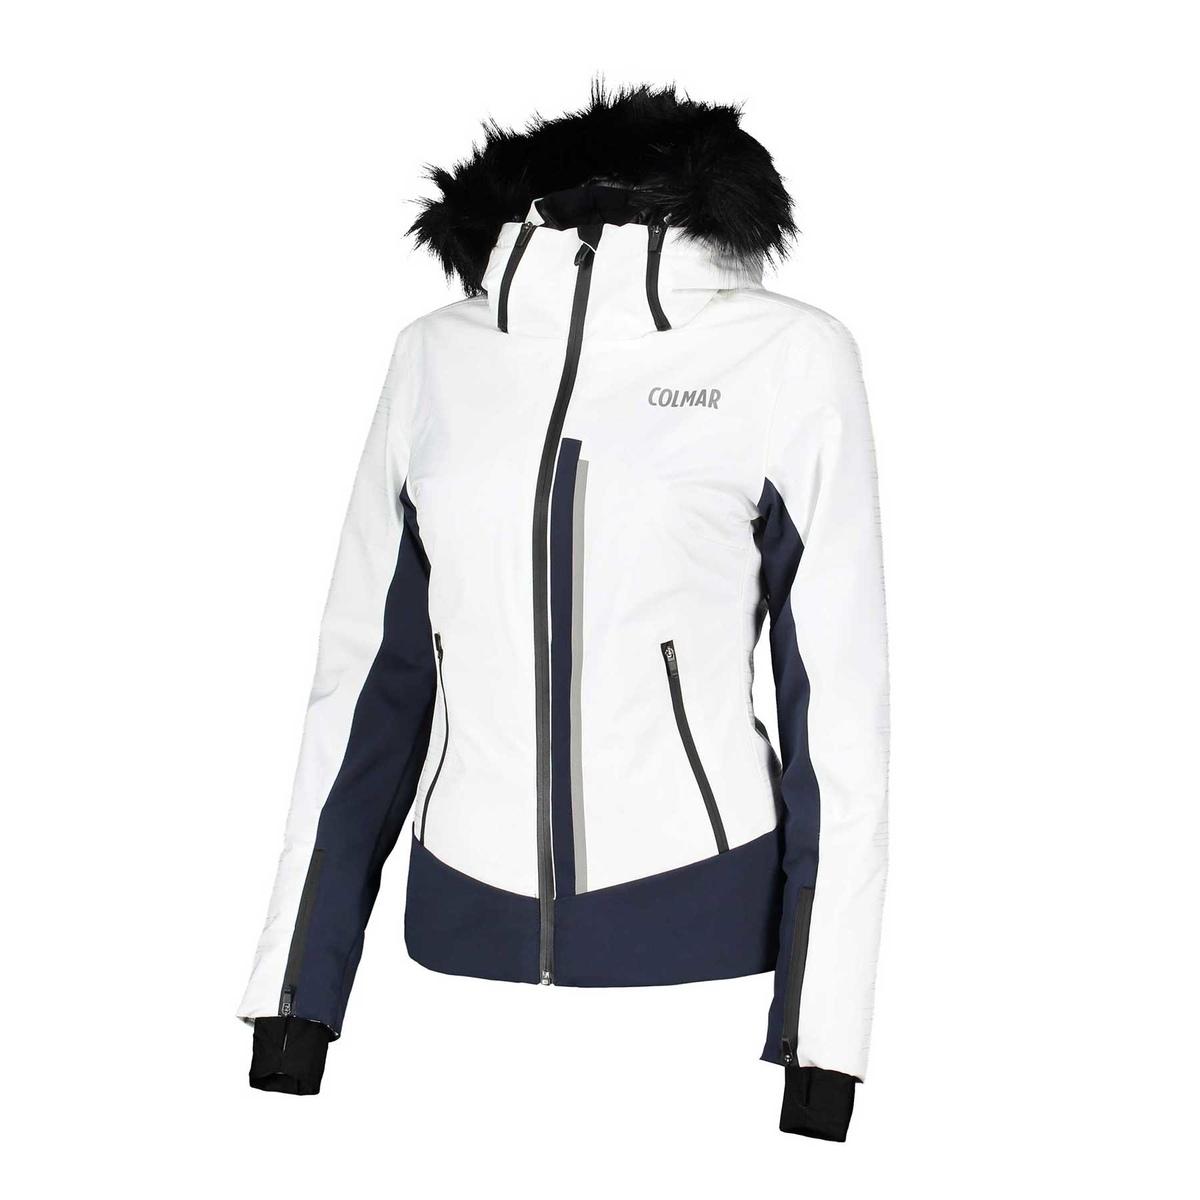 Prezzi Colmar giacca 3-TRE ECO FUR donna